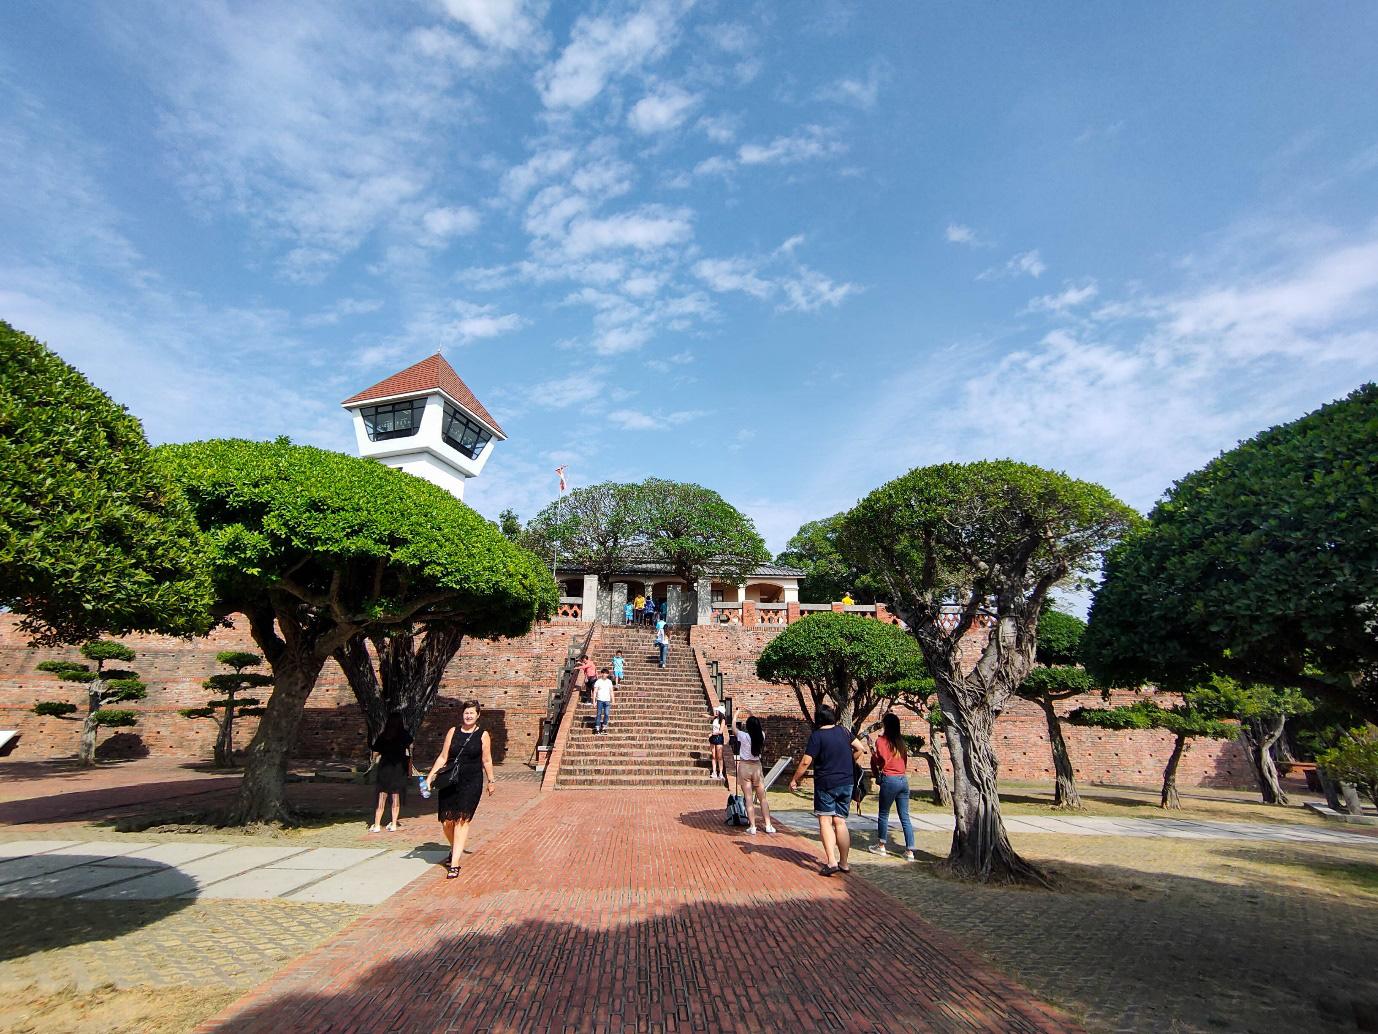 Khám phá Đài Nam – Thành phố cổ nhất Đài Loan cùng Tech Reviewer Ngọc Vy - Ảnh 5.